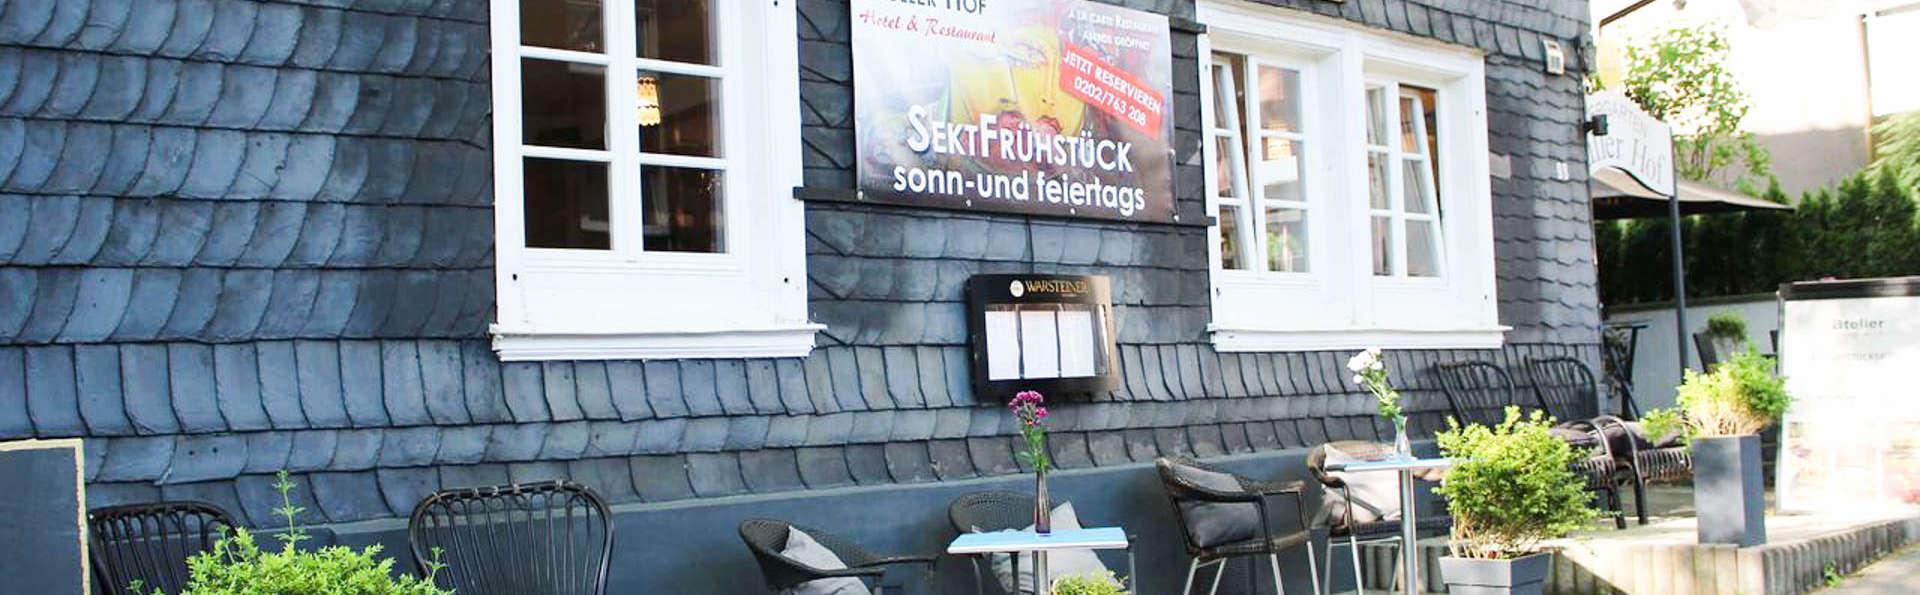 Atelier Hotel & Restaurant Nüller Hof - EDIT_FRONT.jpg